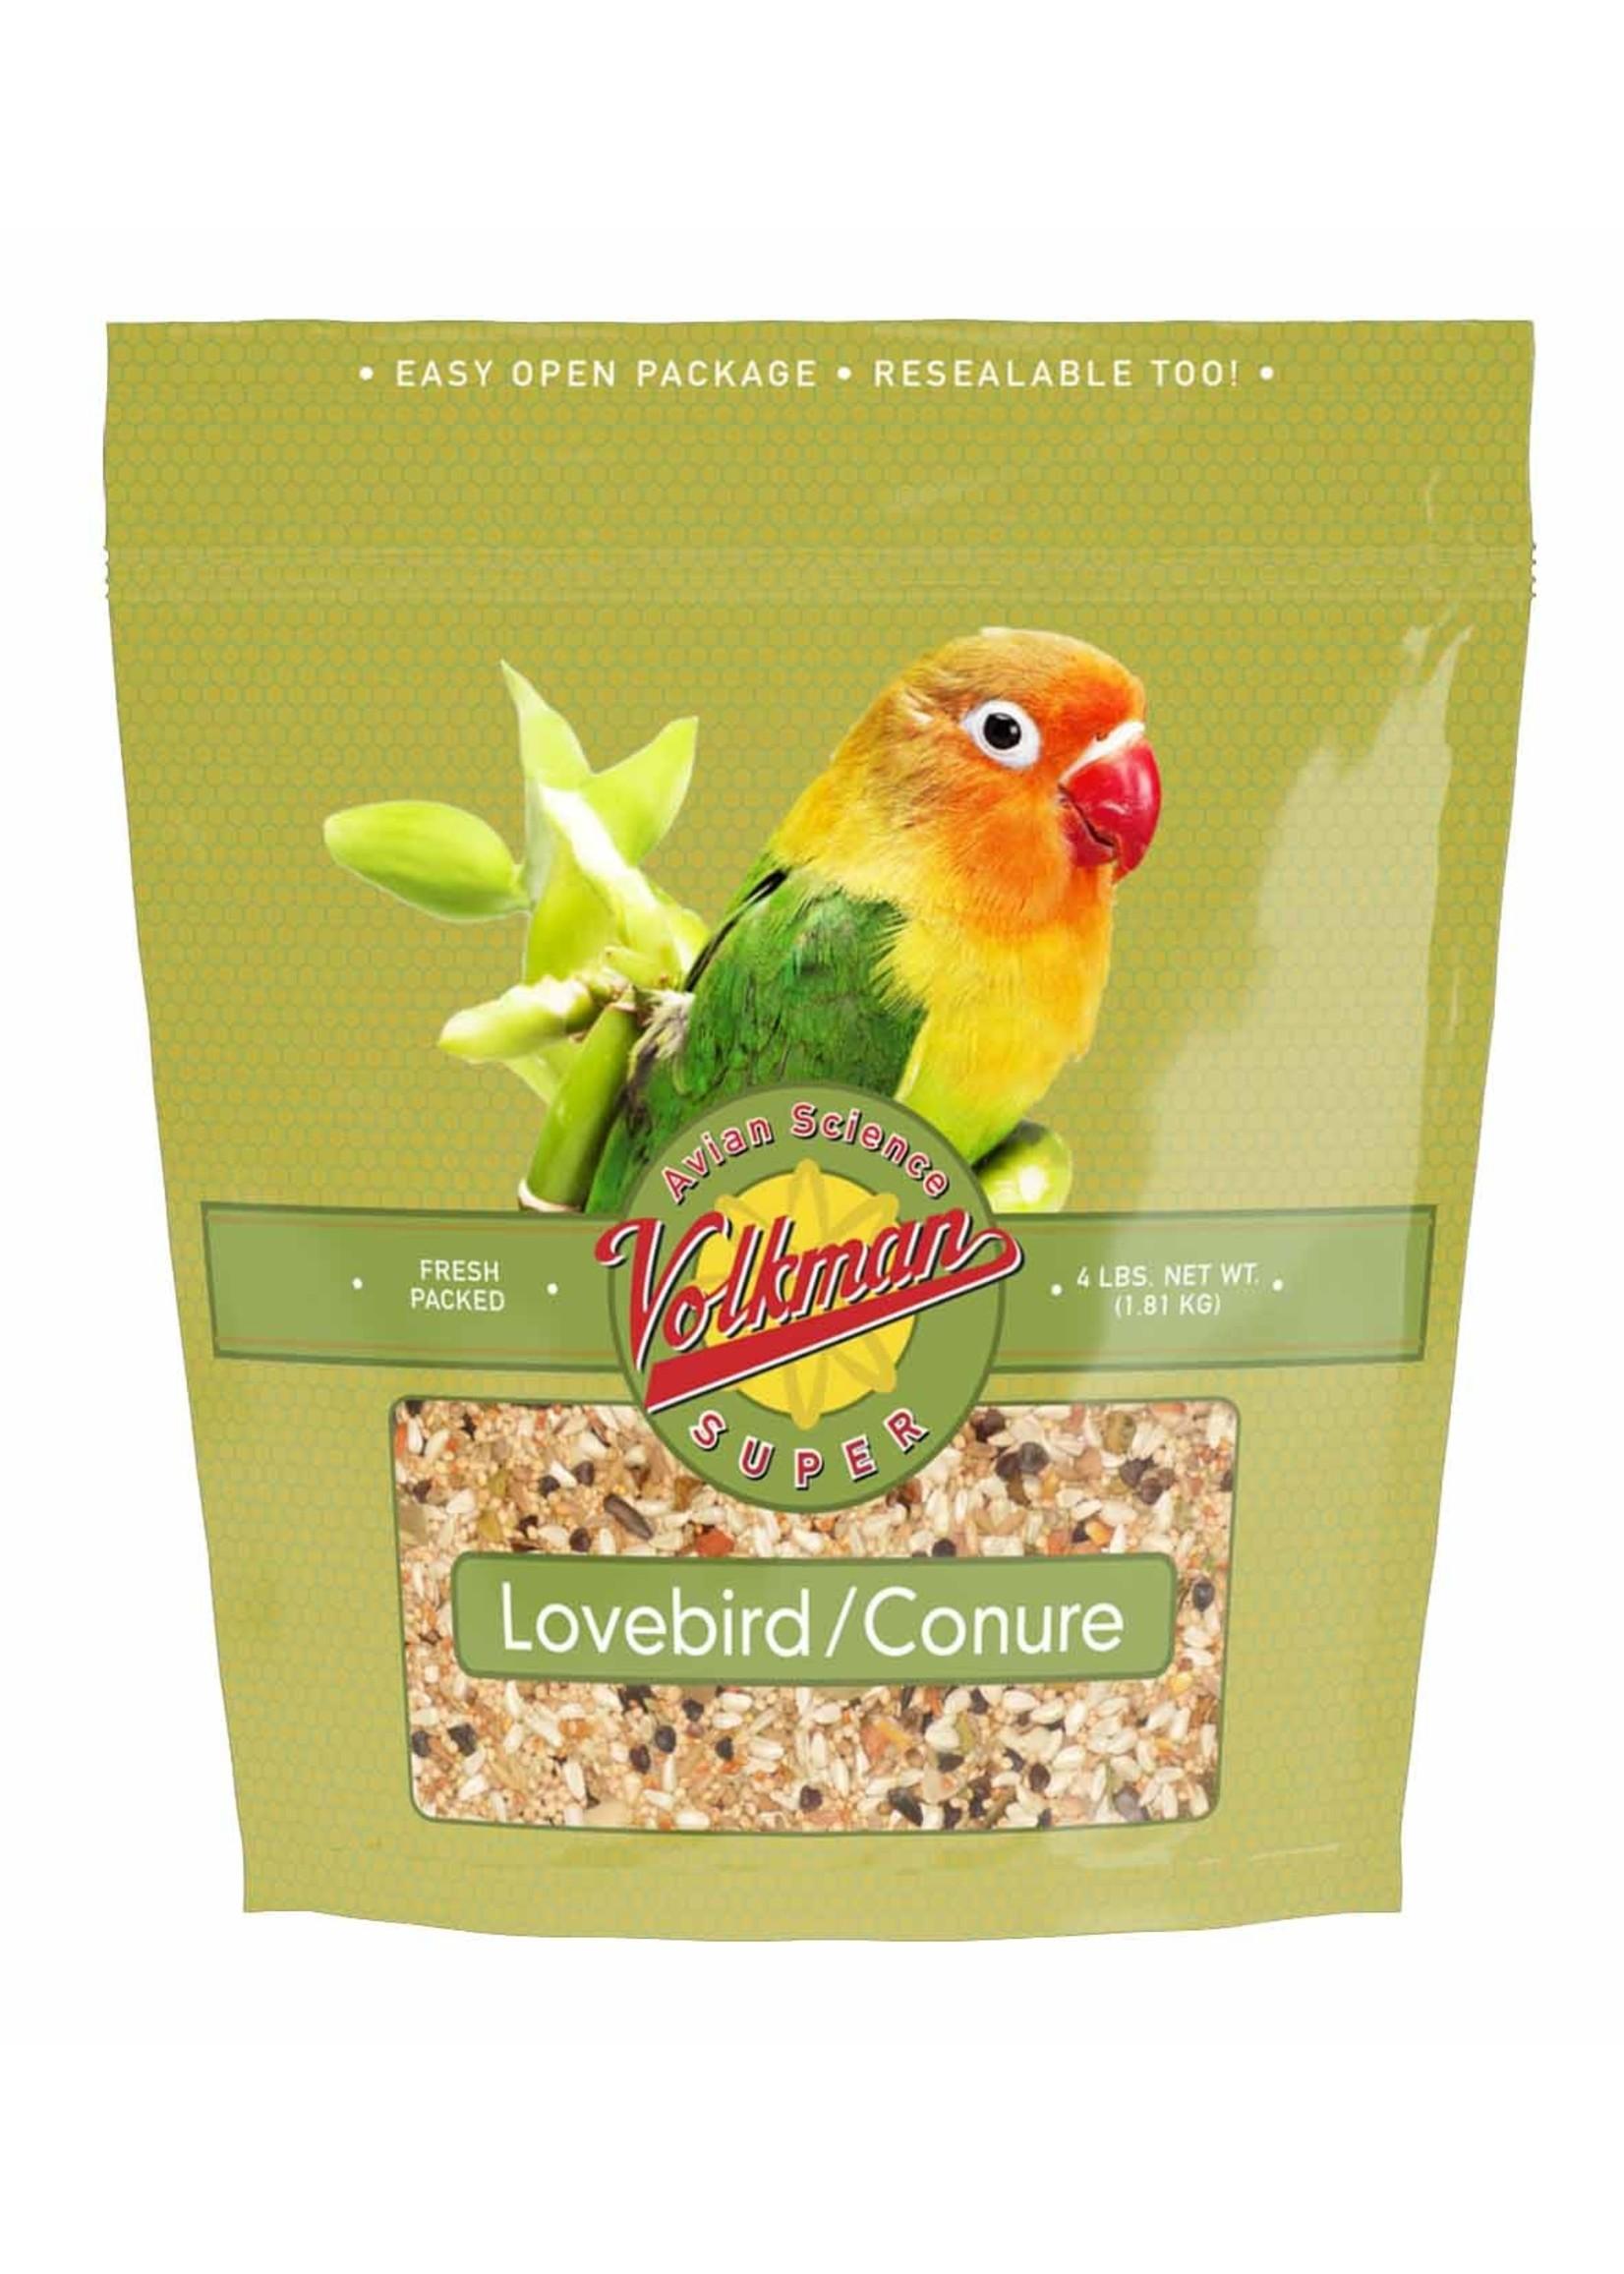 Volkmans VK Avian Science Lovebird/Conure(4lb)